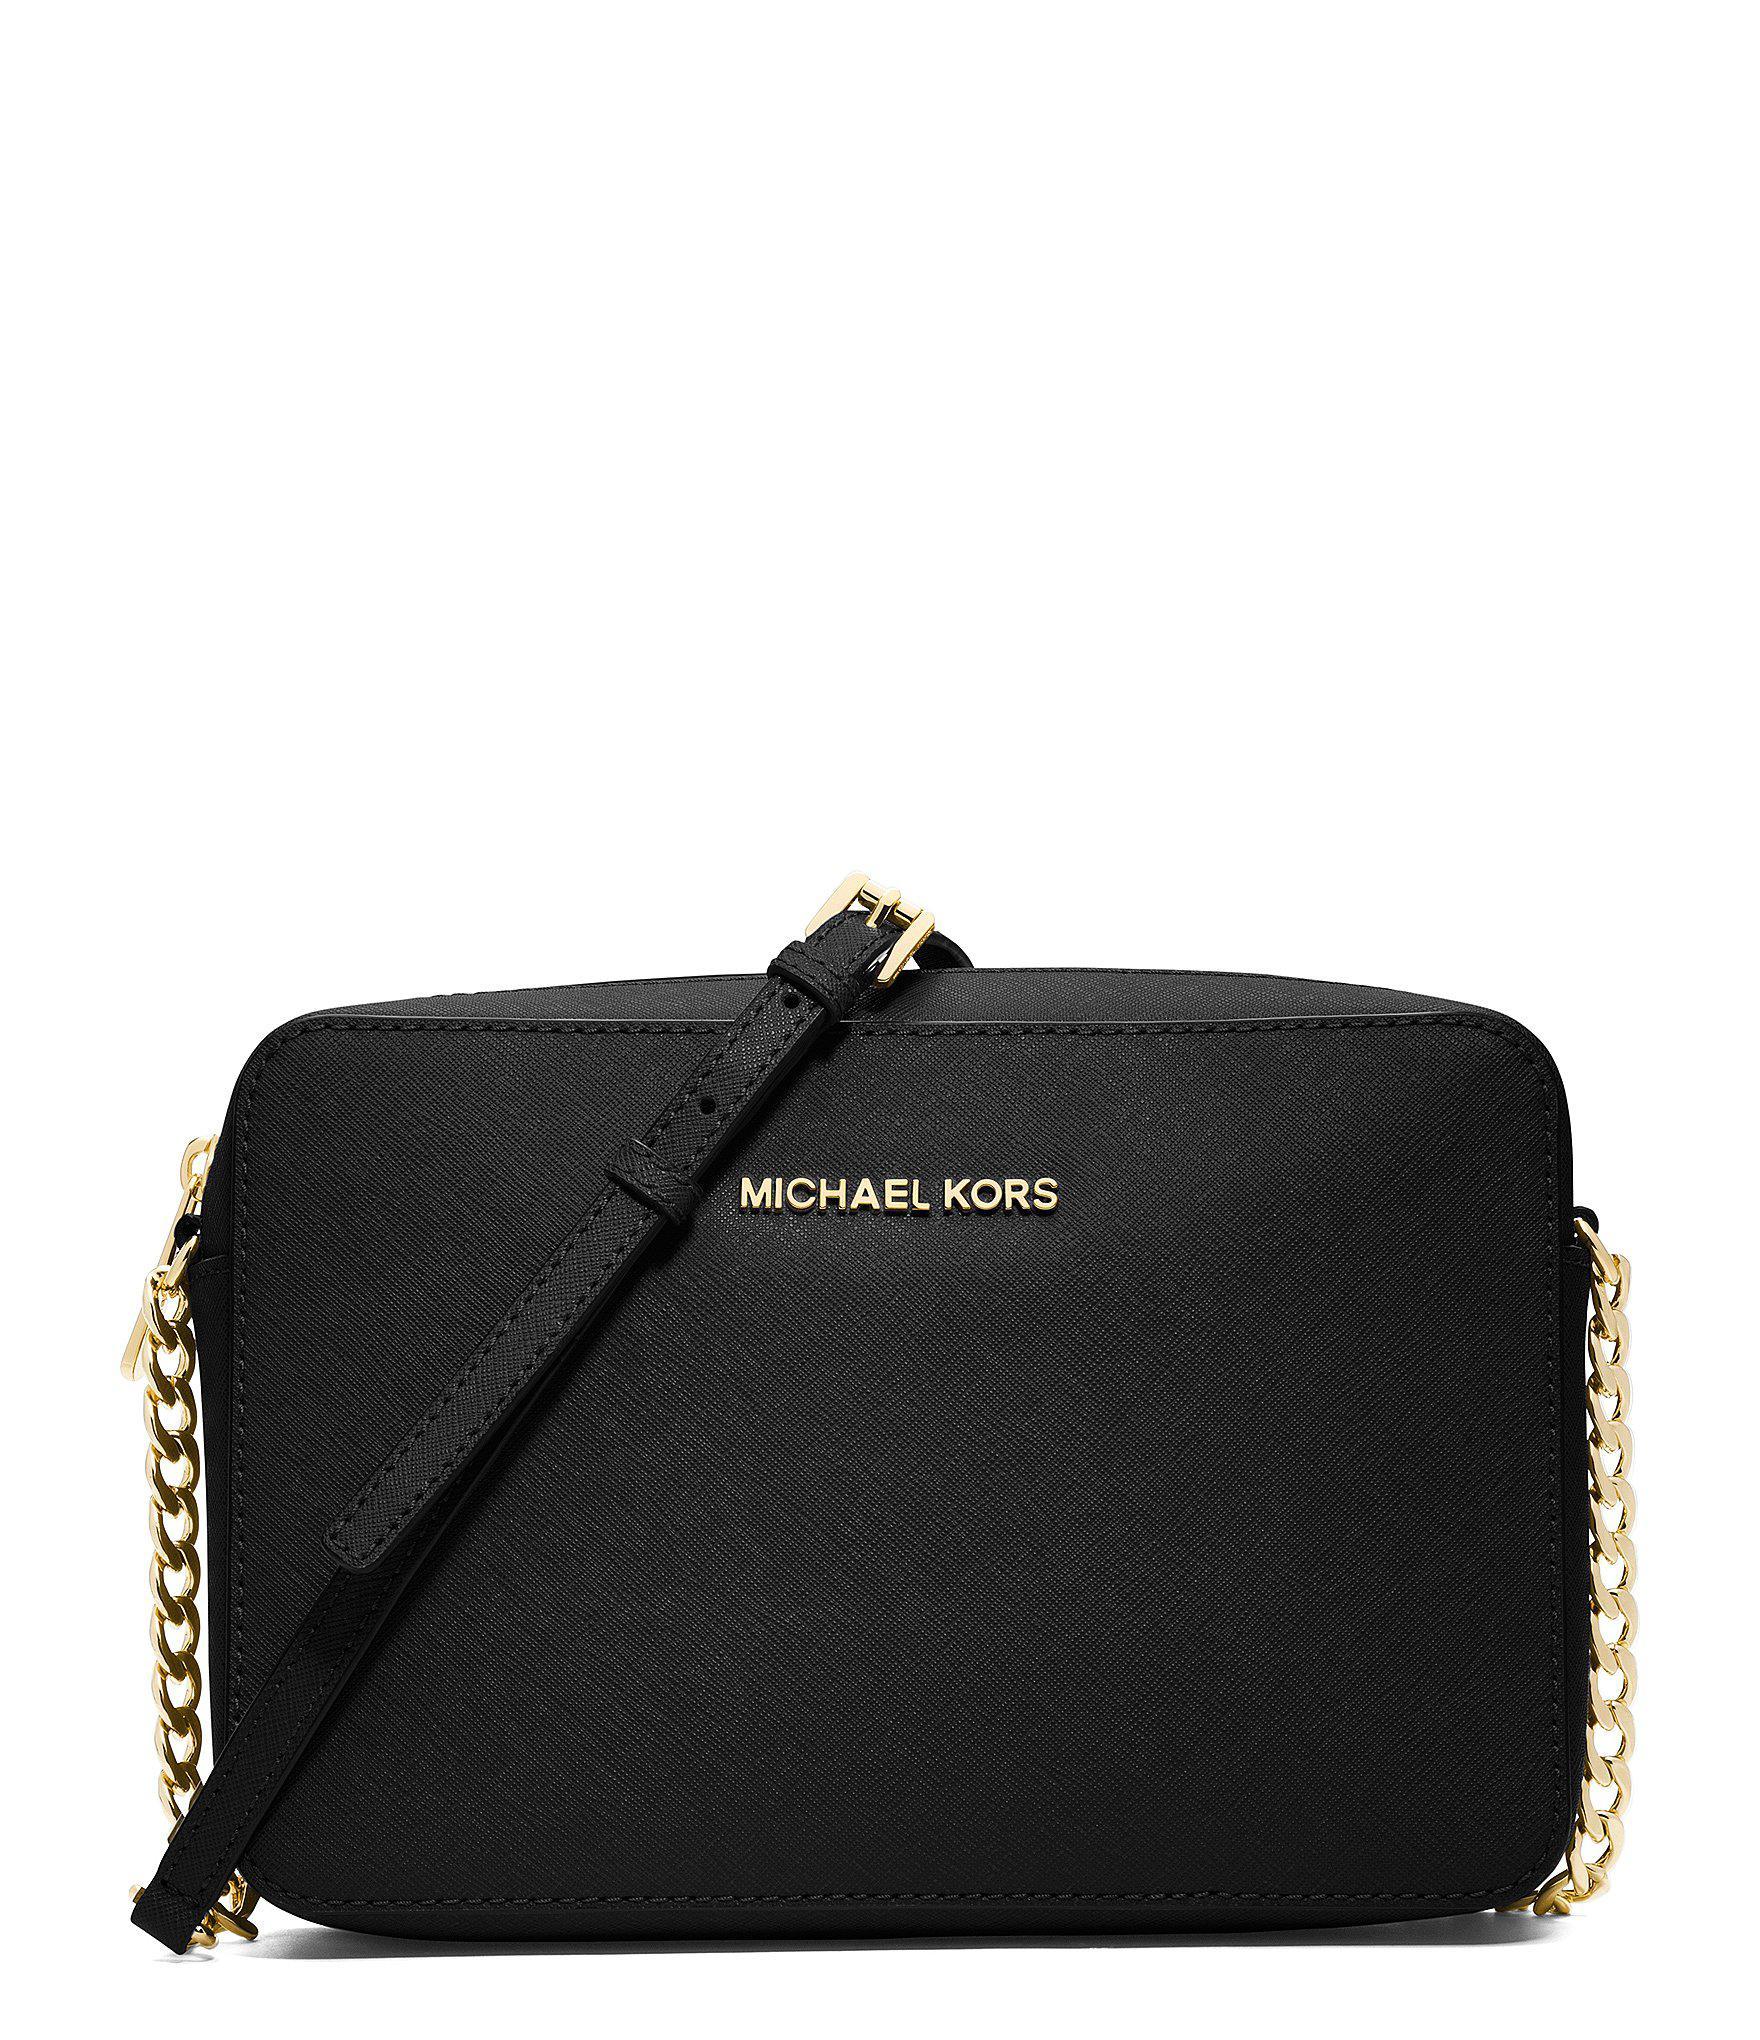 MICHAEL Michael Kors. Women s Black Jet Set Large Saffiano Leather Crossbody e937b17560e21